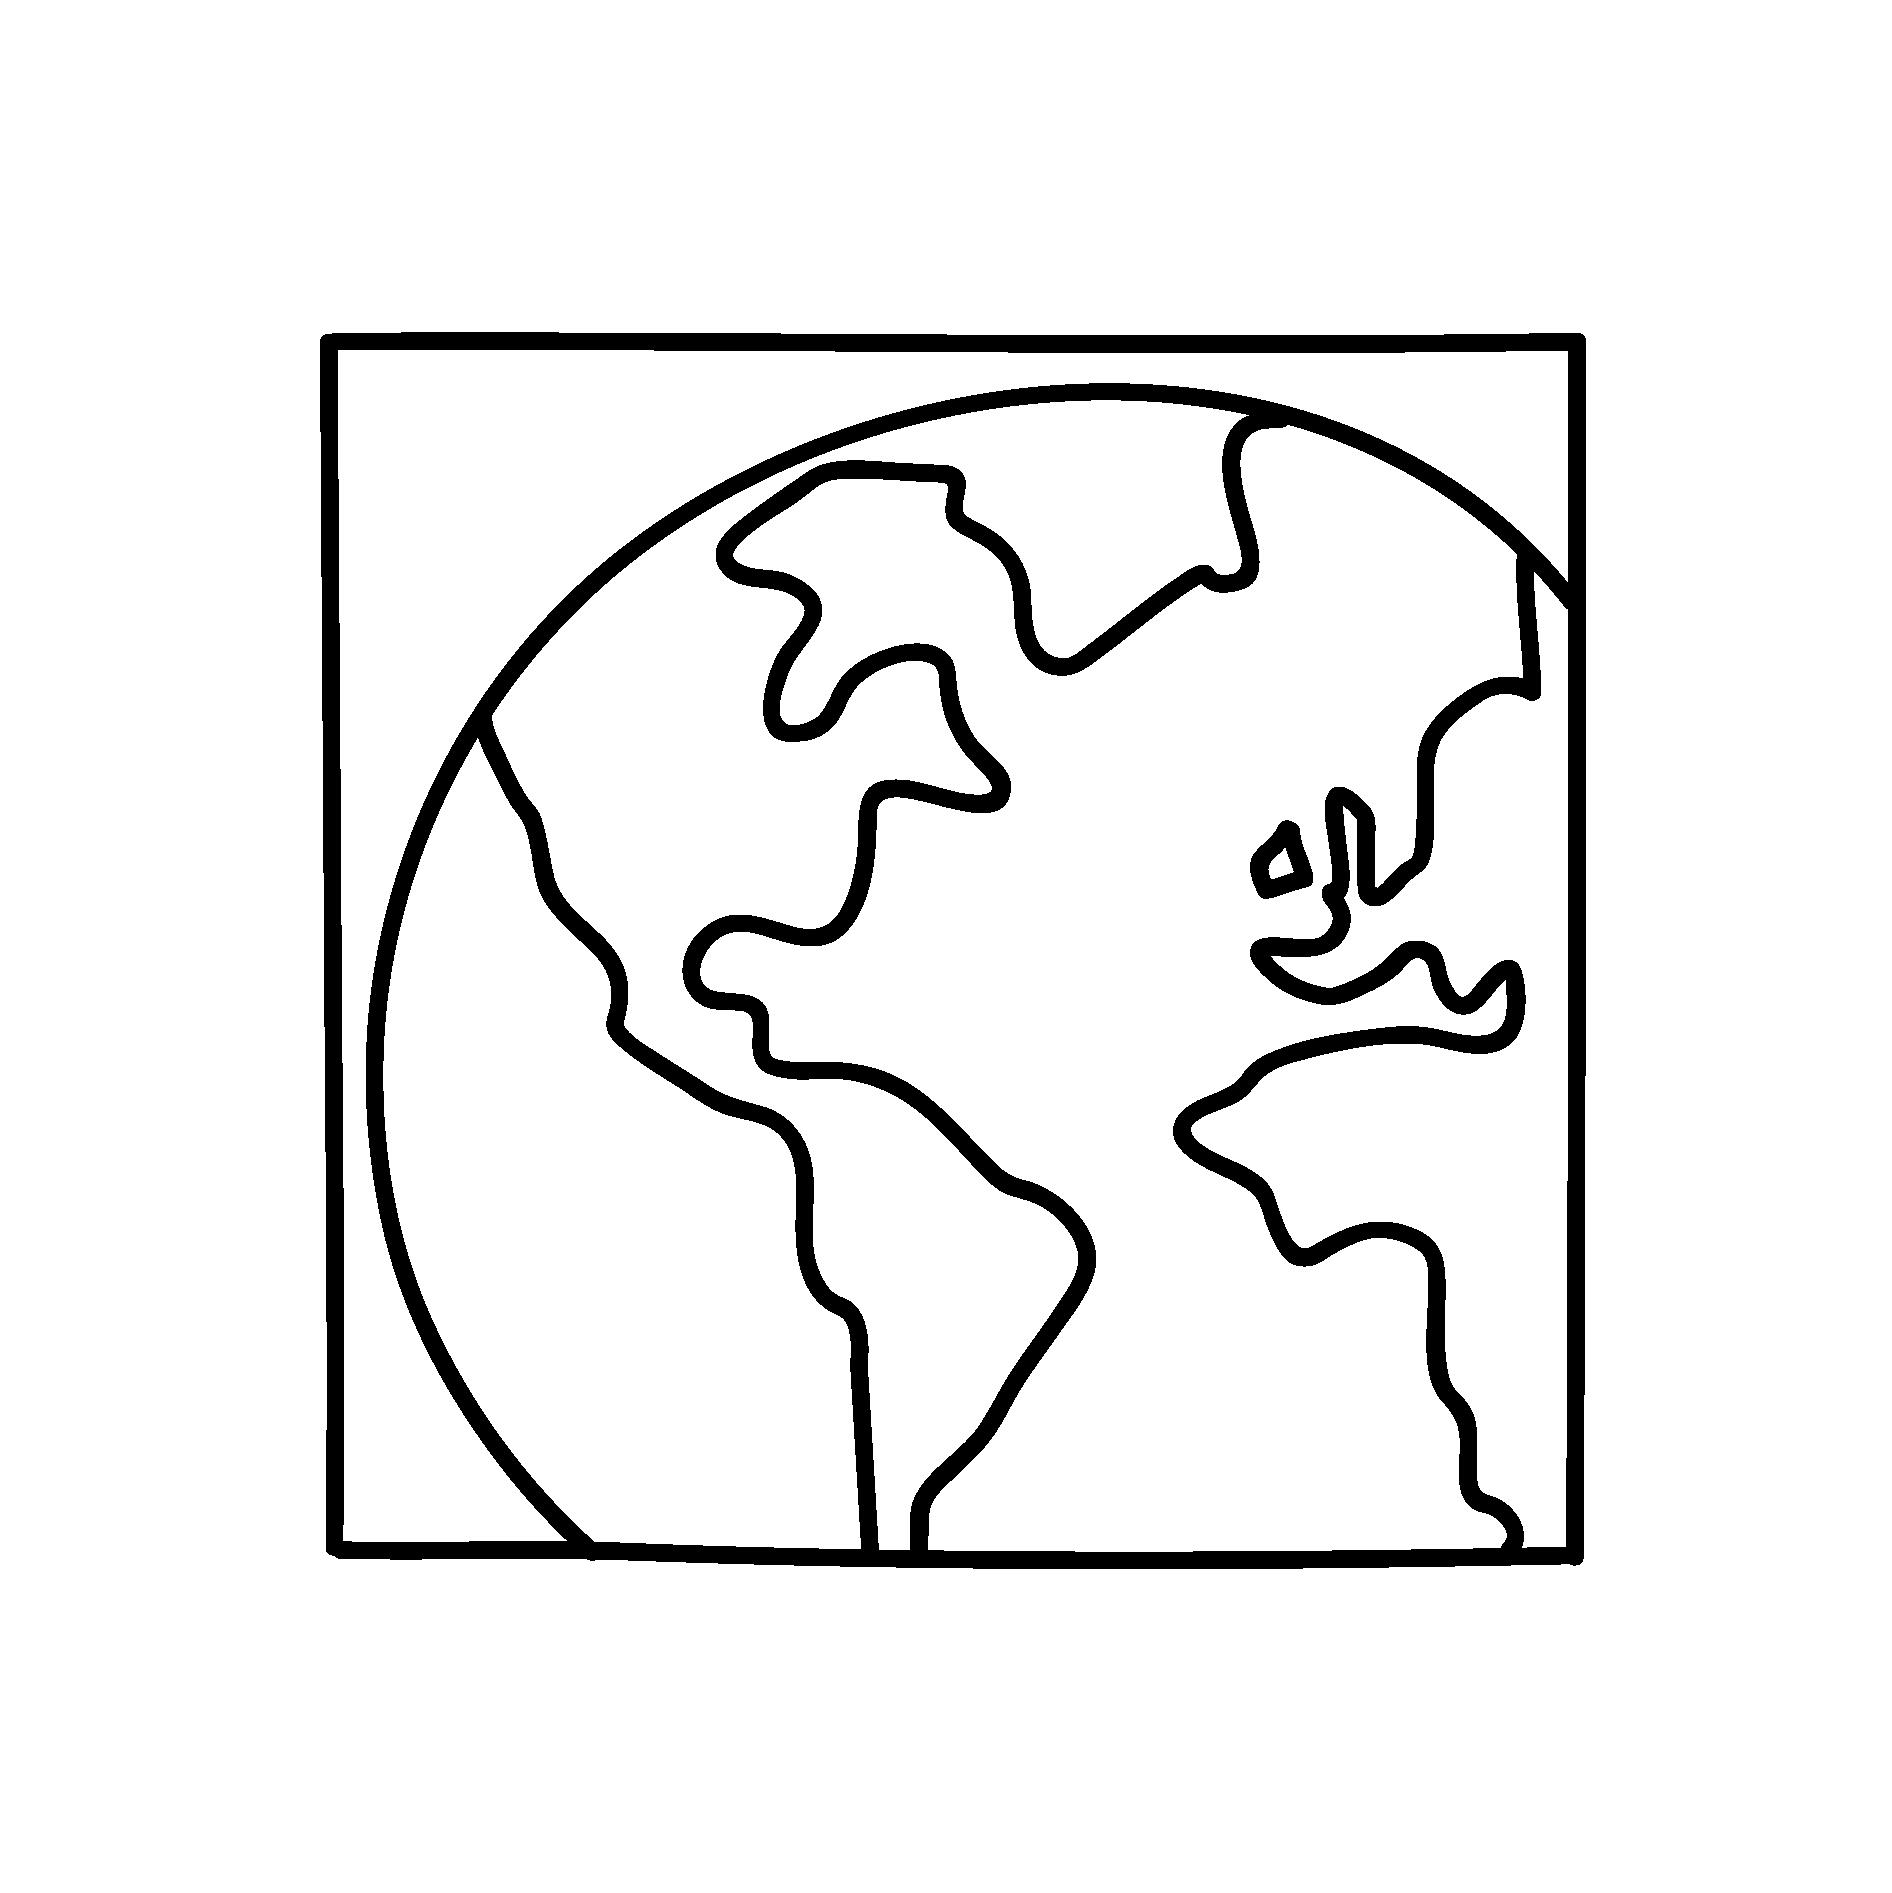 Knapillustrationsforpete-18.png